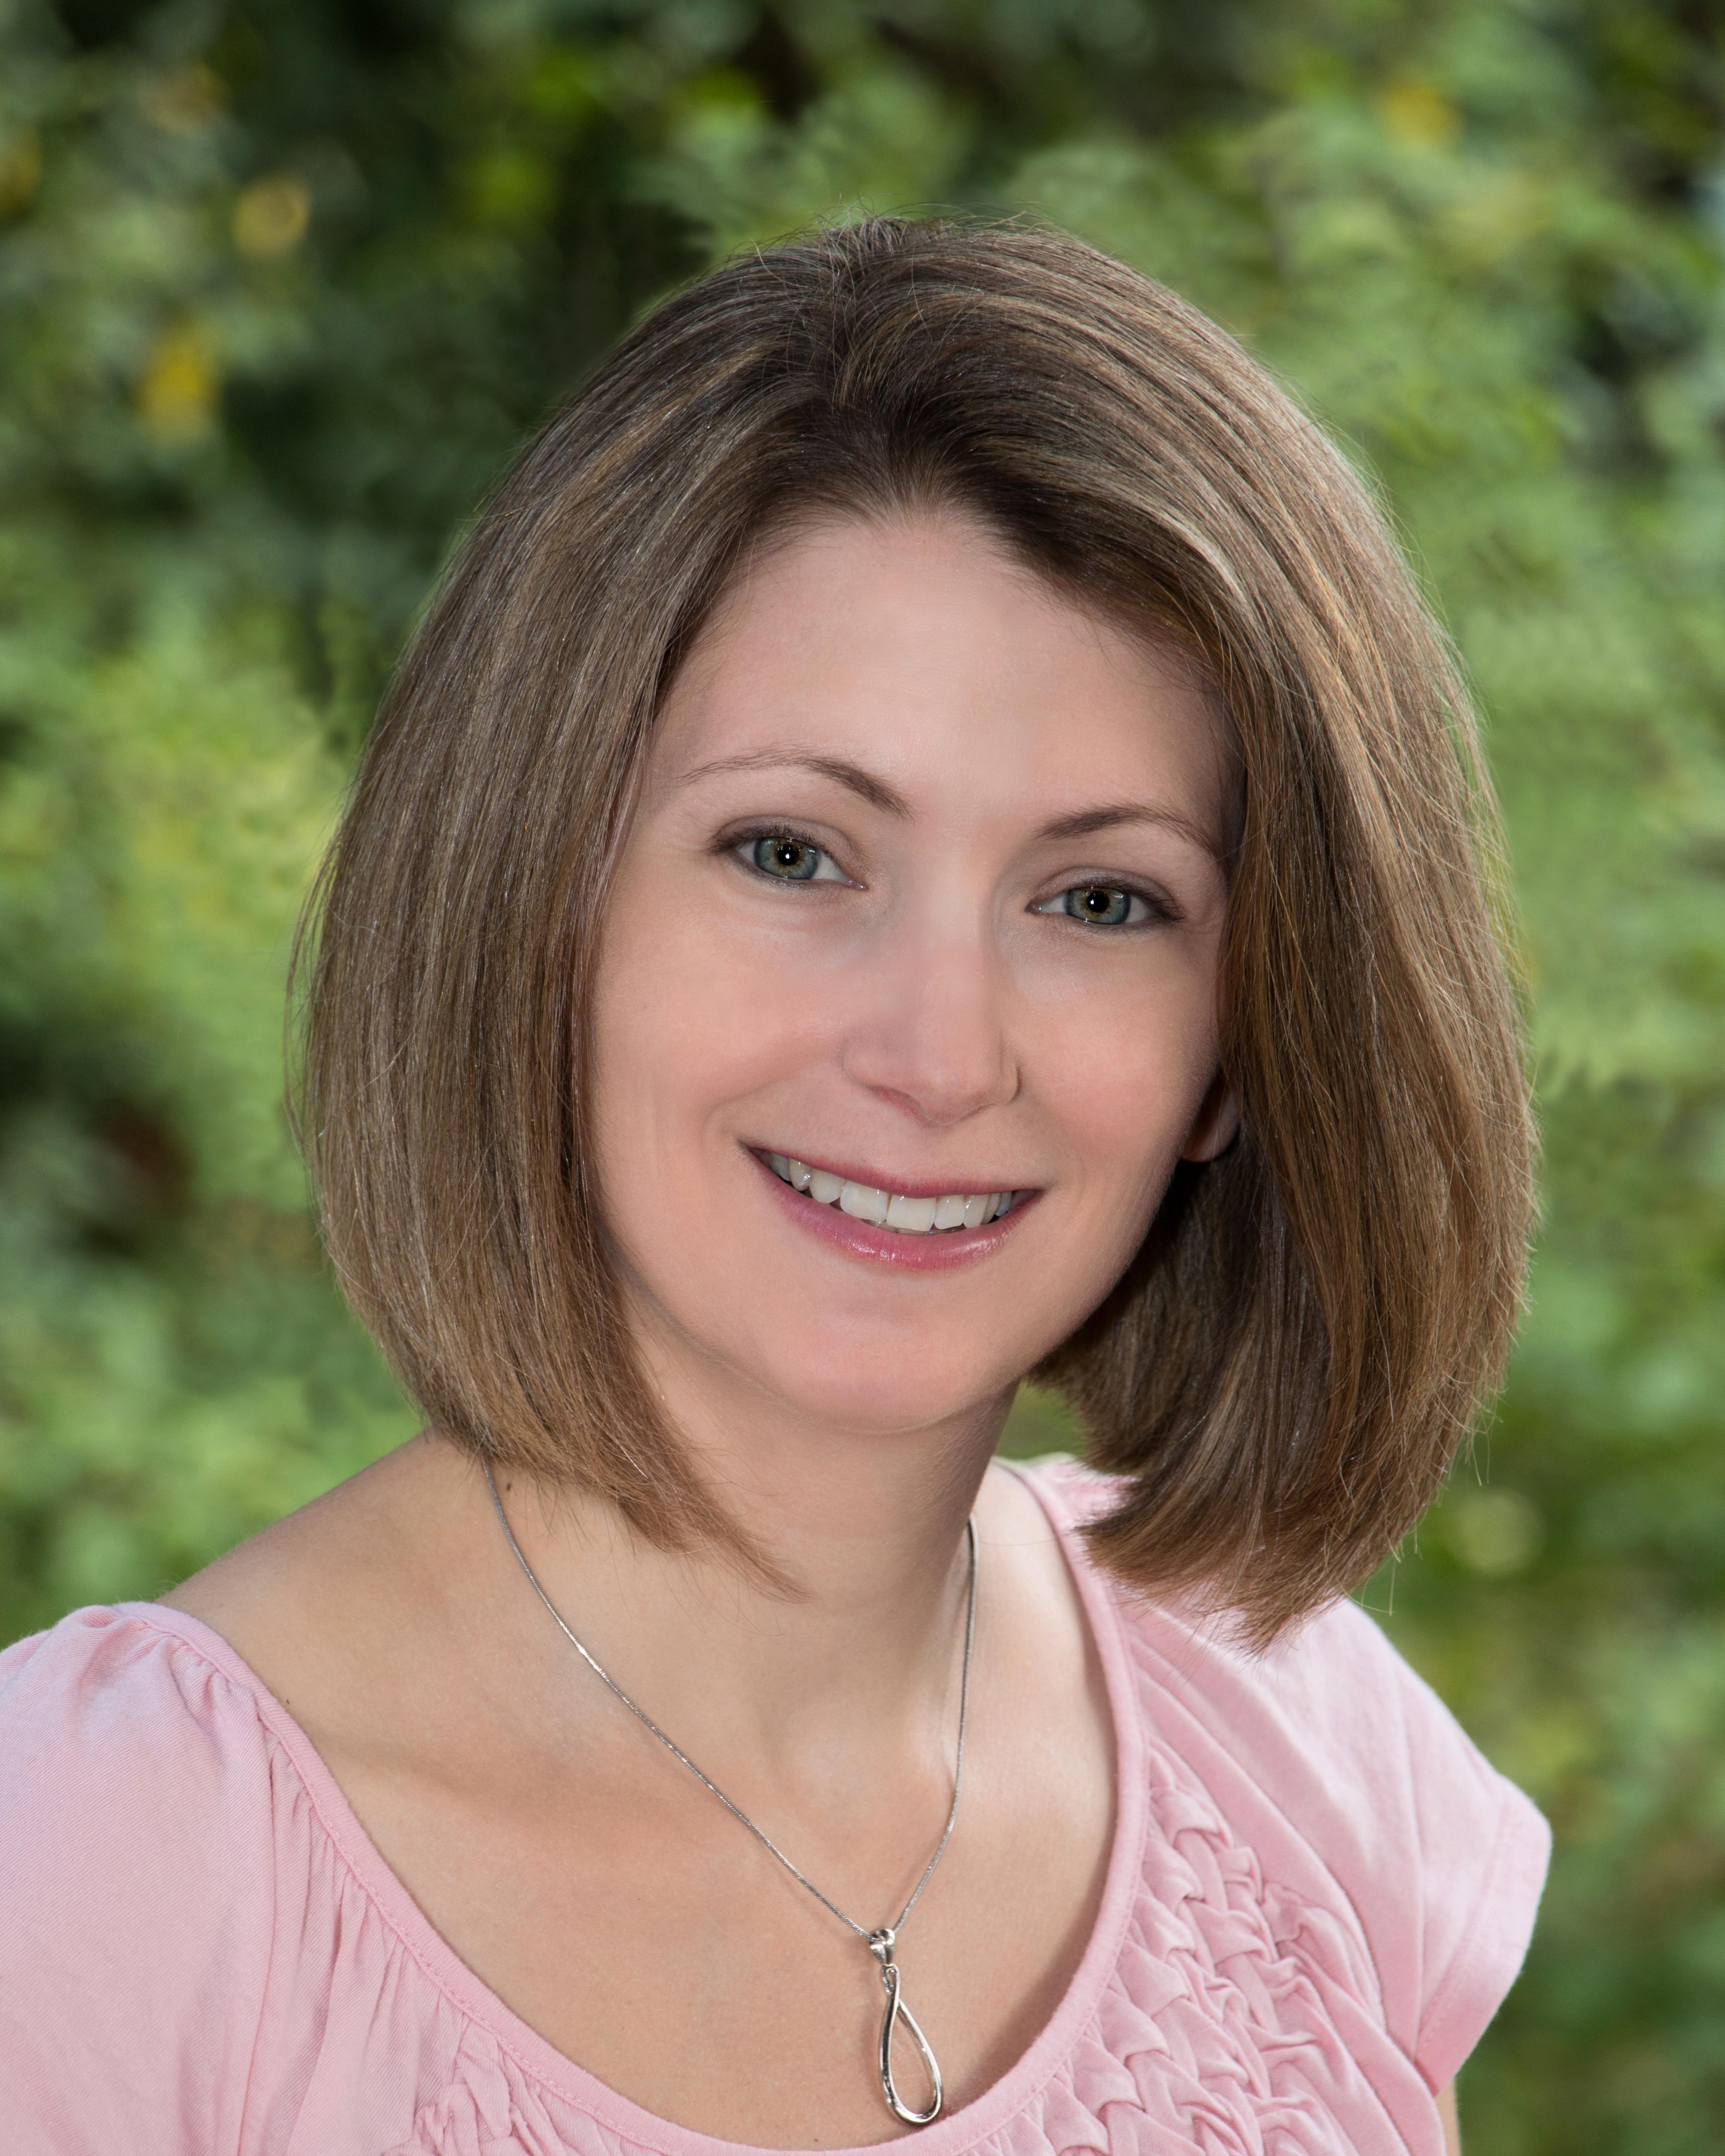 Jodi Meagher